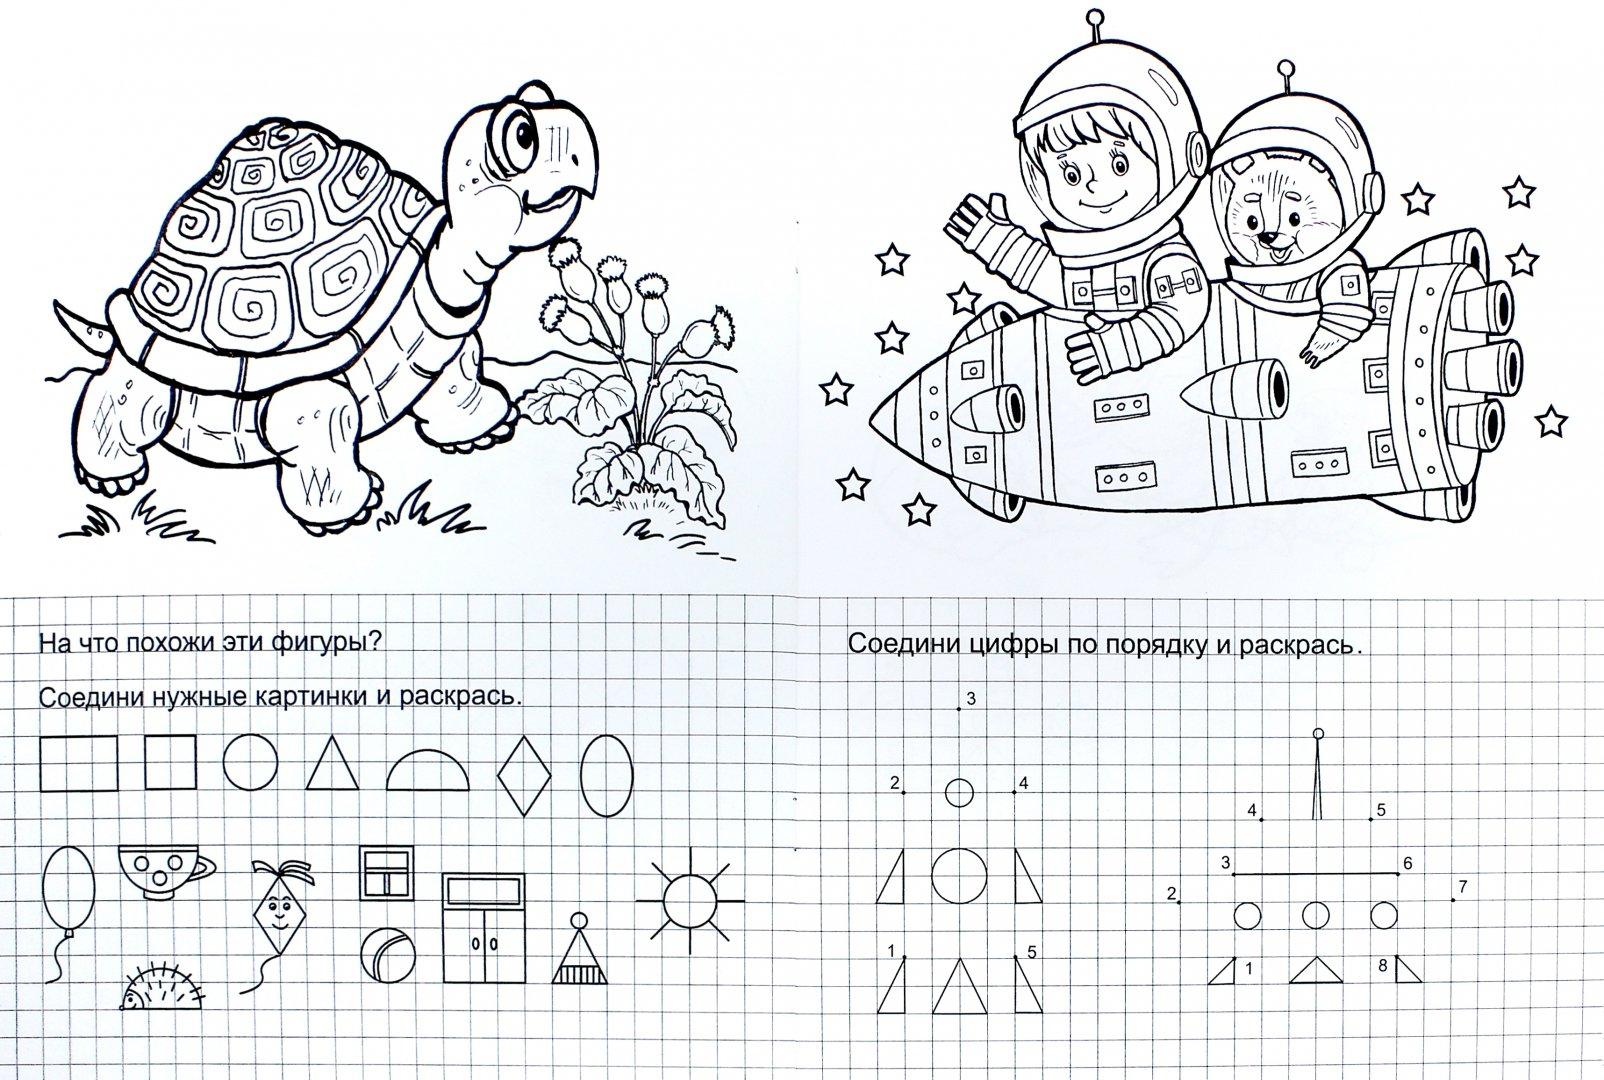 Иллюстрация 1 из 13 для Домашние уроки | Лабиринт - книги. Источник: Лабиринт